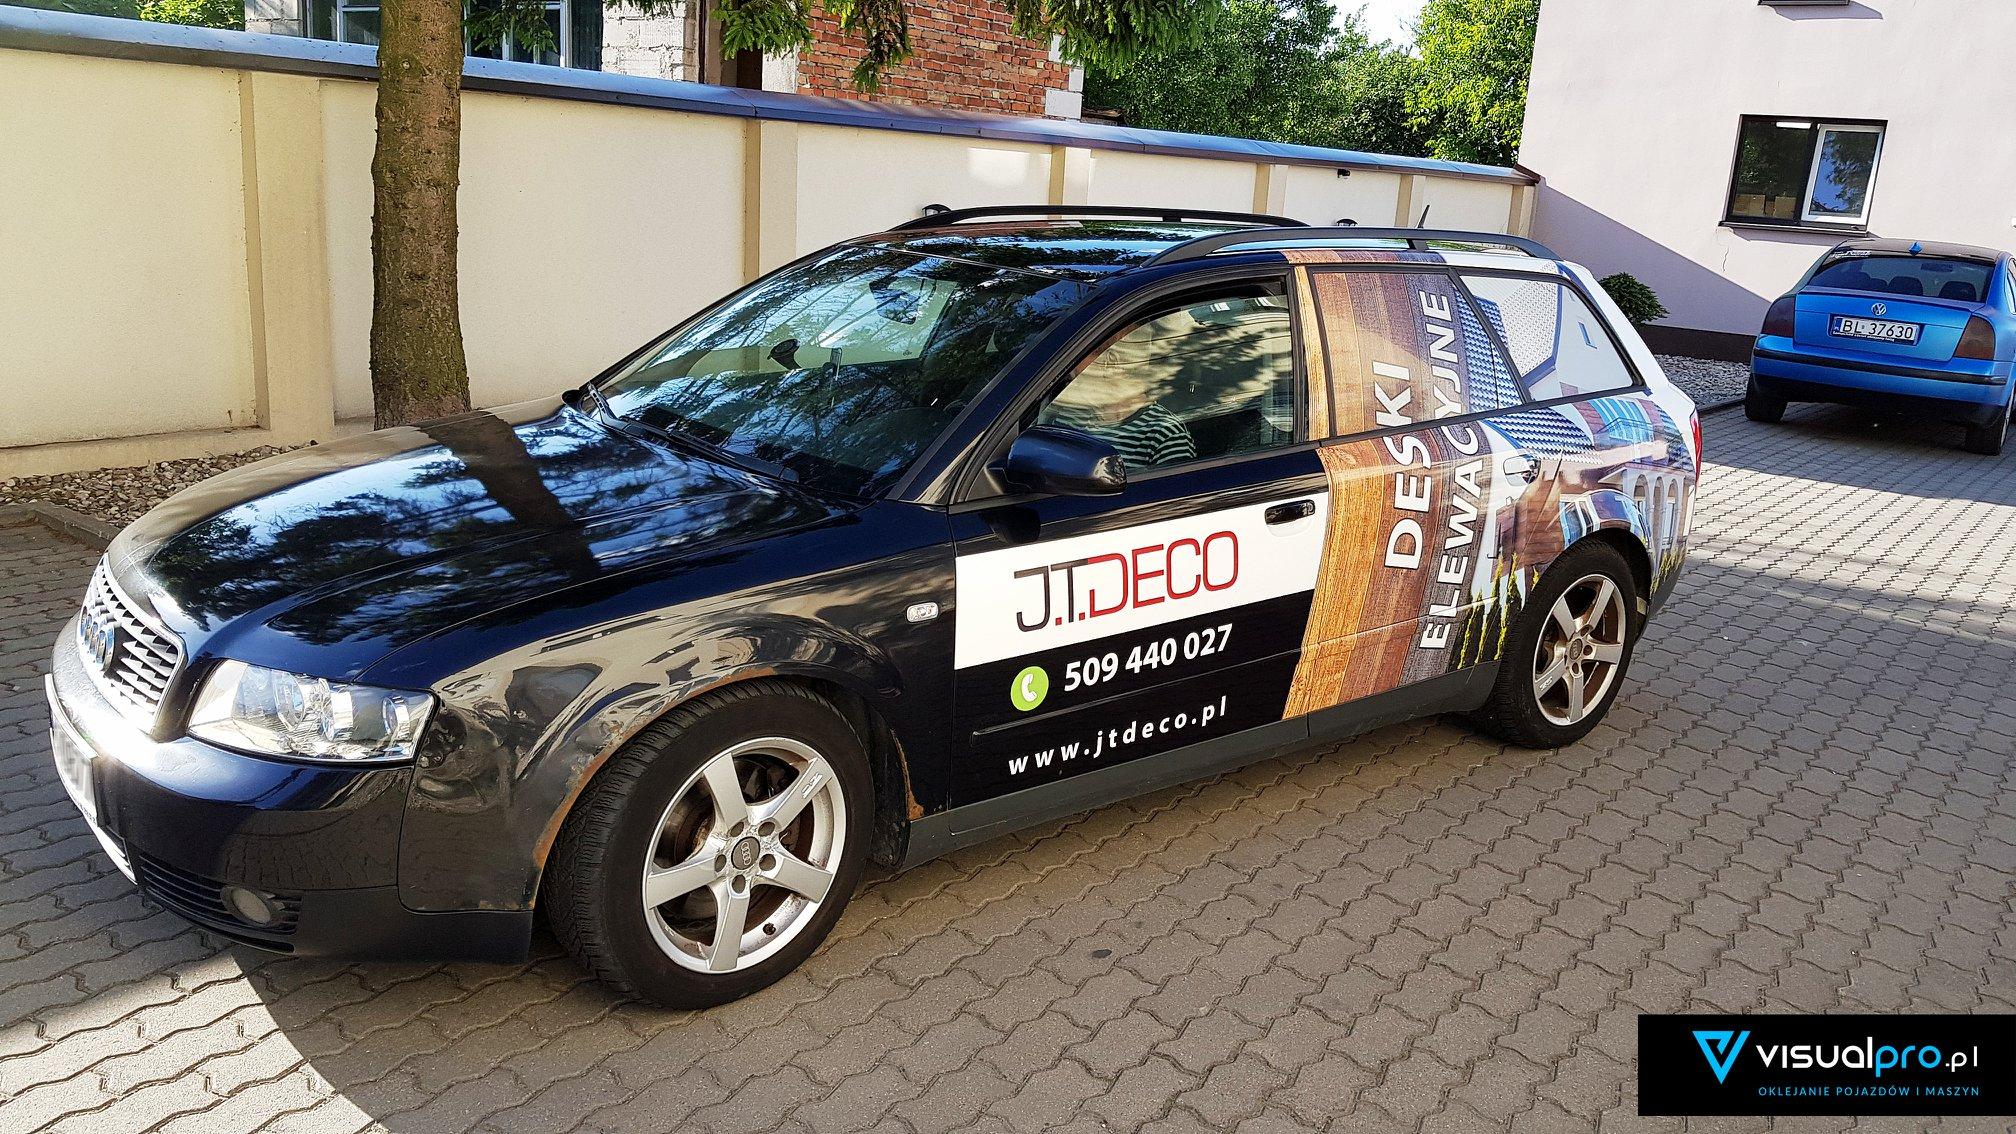 Reklama Na Samochodzie J.T. Deco